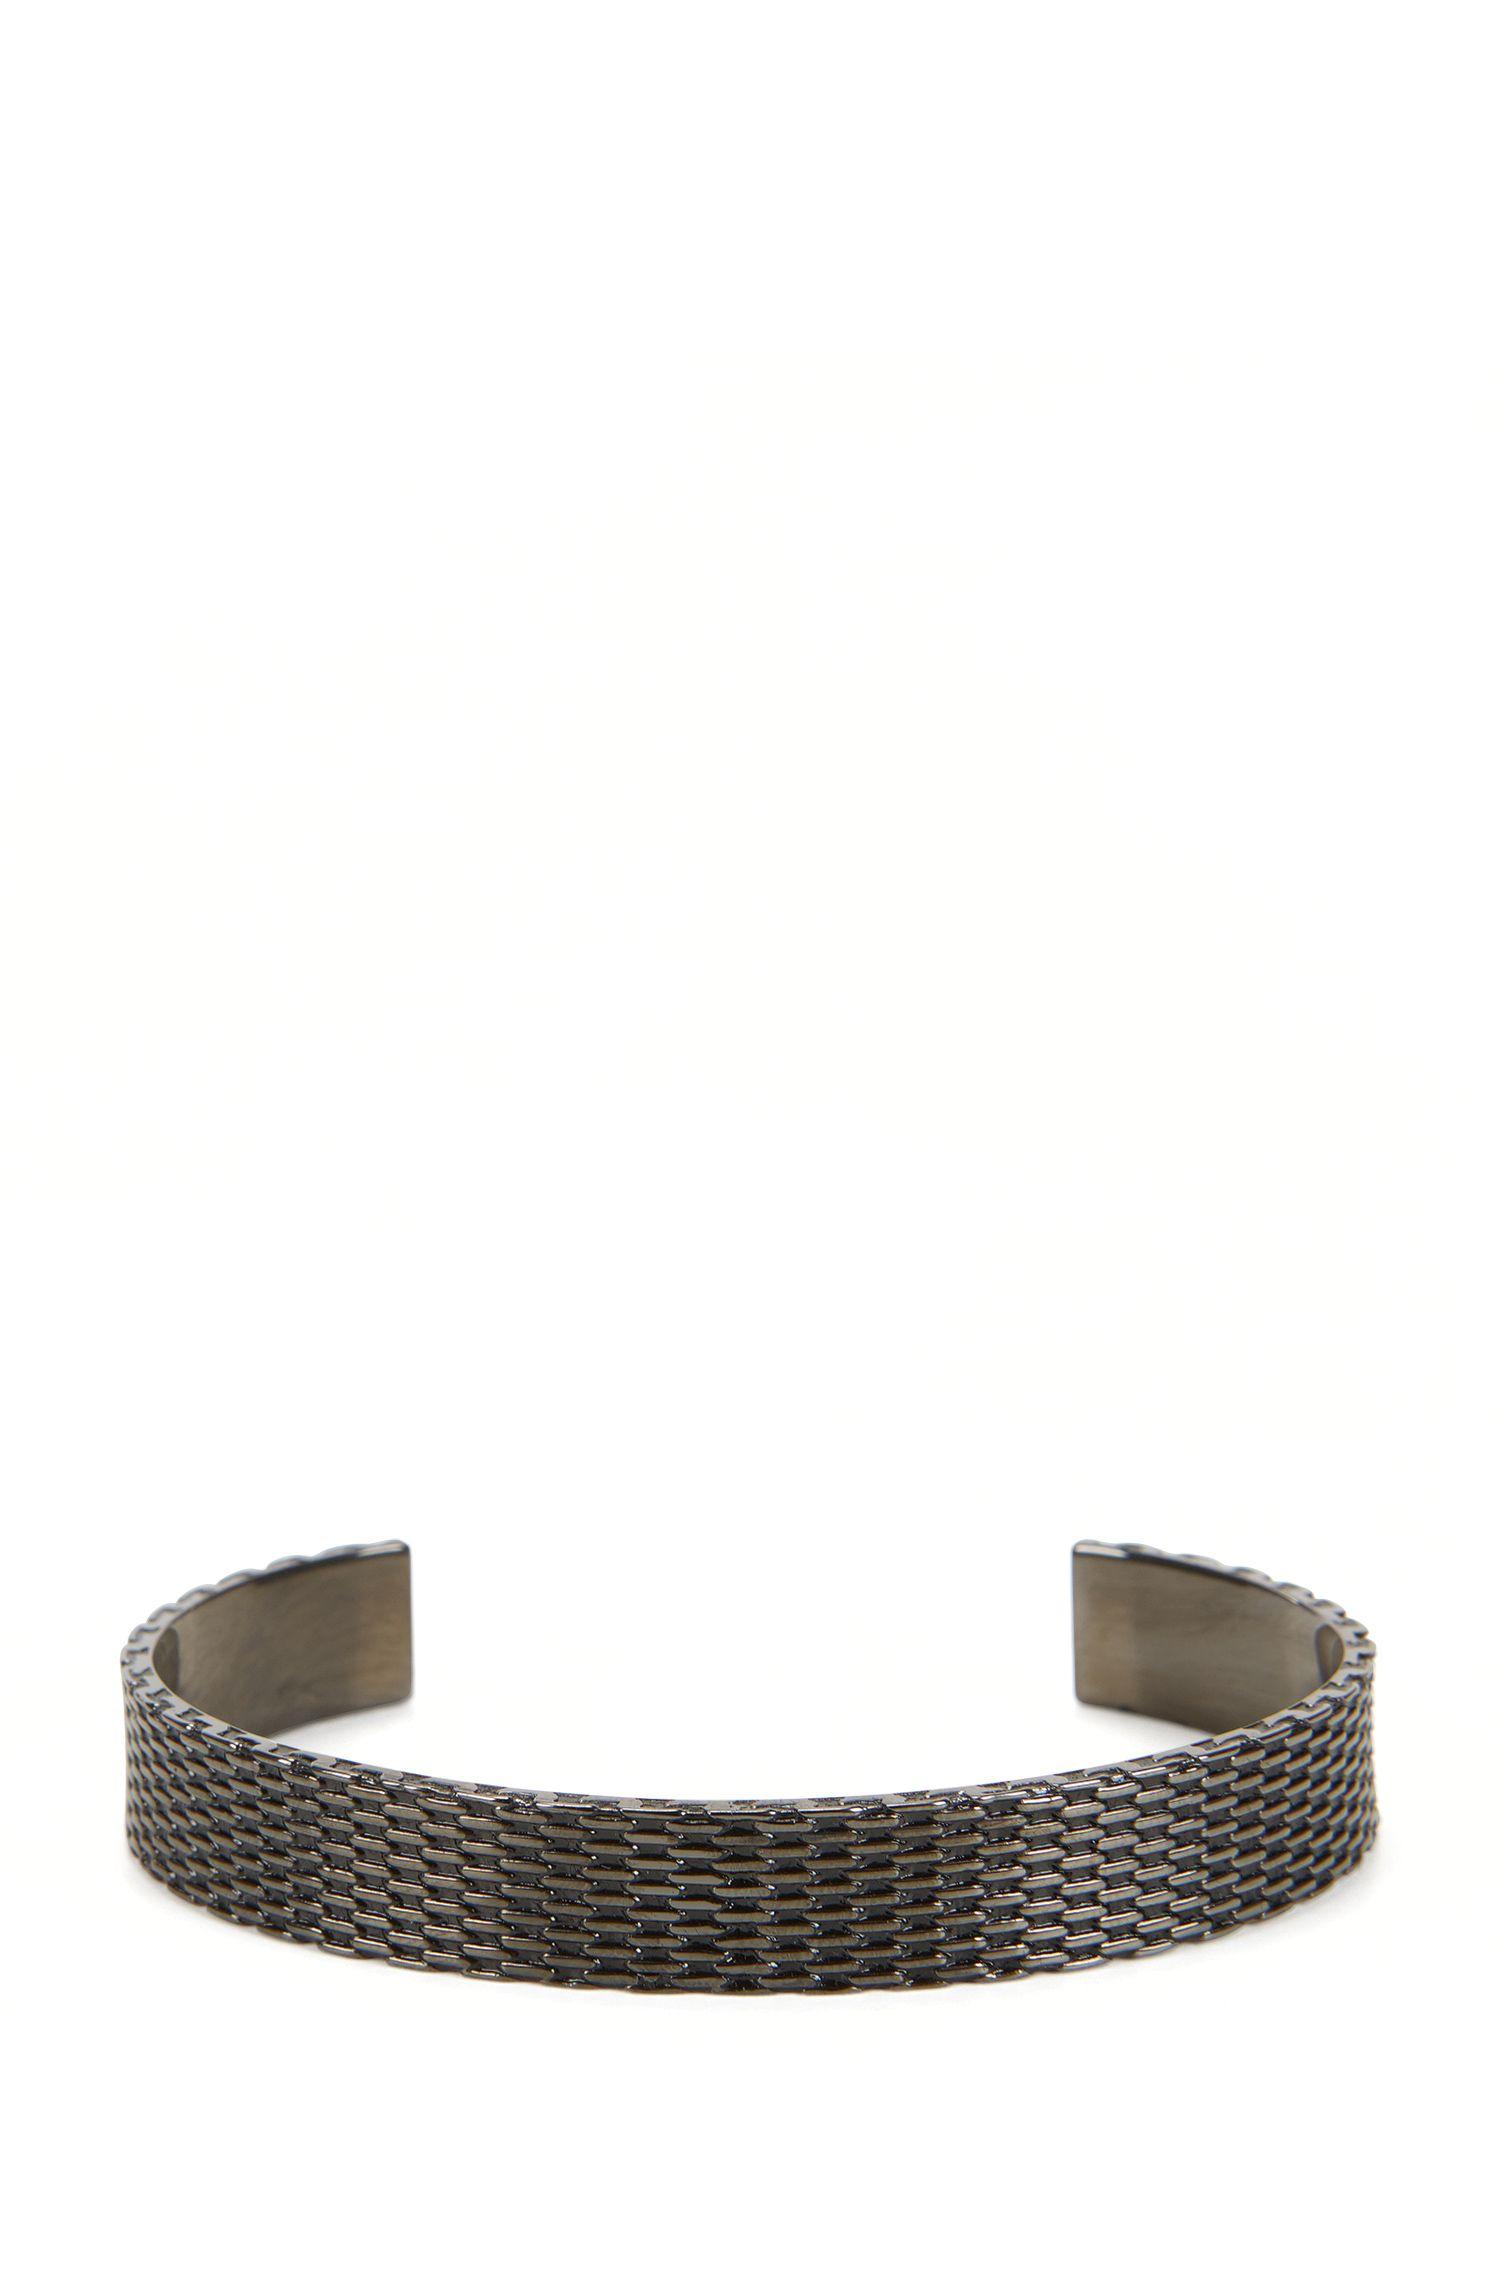 Brazalete de estilo milanés en metal pulido